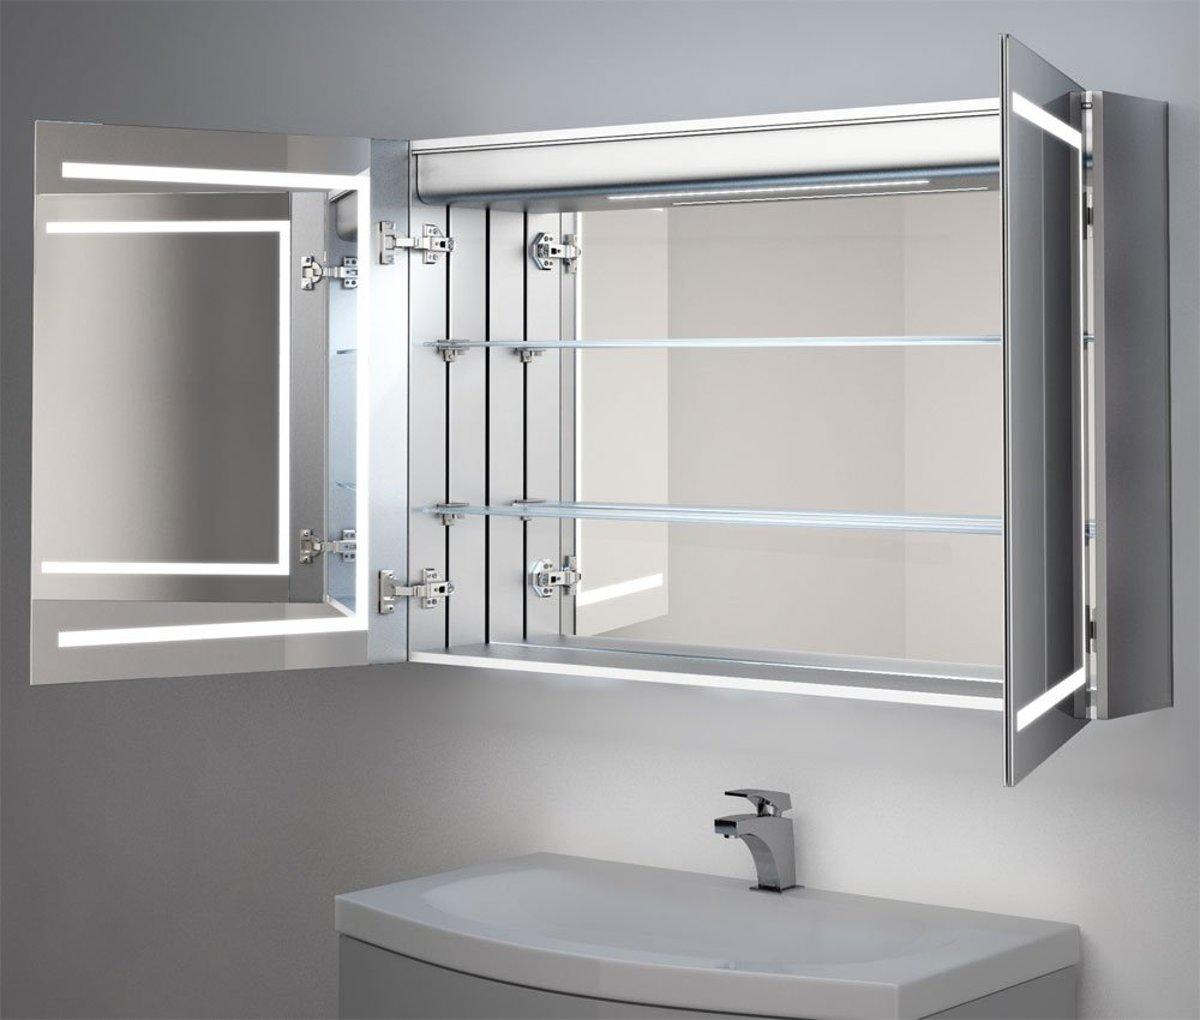 Hoge Spiegelkast Badkamer : Bol.com 90 cm brede badkamer spiegelkast met hoge lichtopbrengst